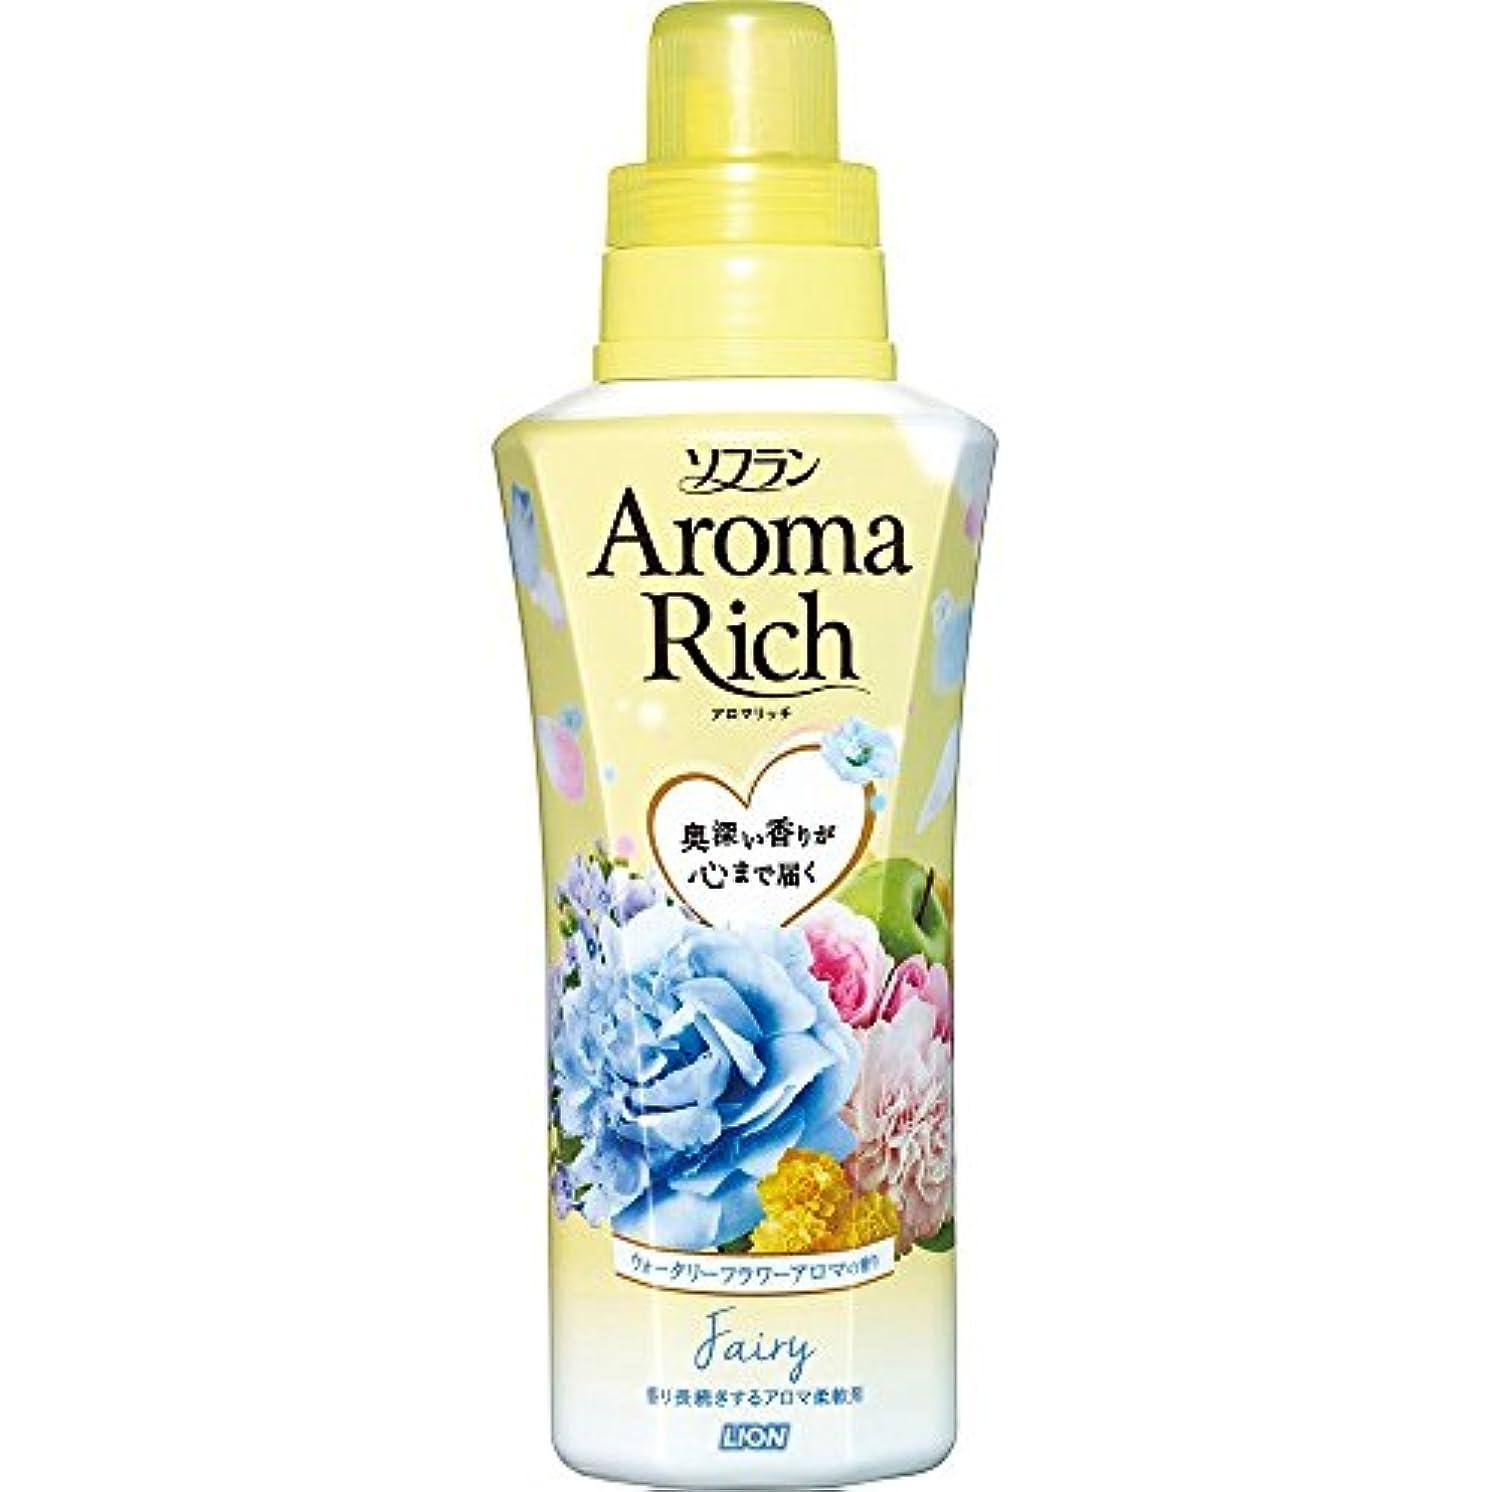 期待する思慮のない狂人ソフラン アロマリッチ 柔軟剤 フェアリー(ウォータリーフラワーアロマの香り) 本体 550ml